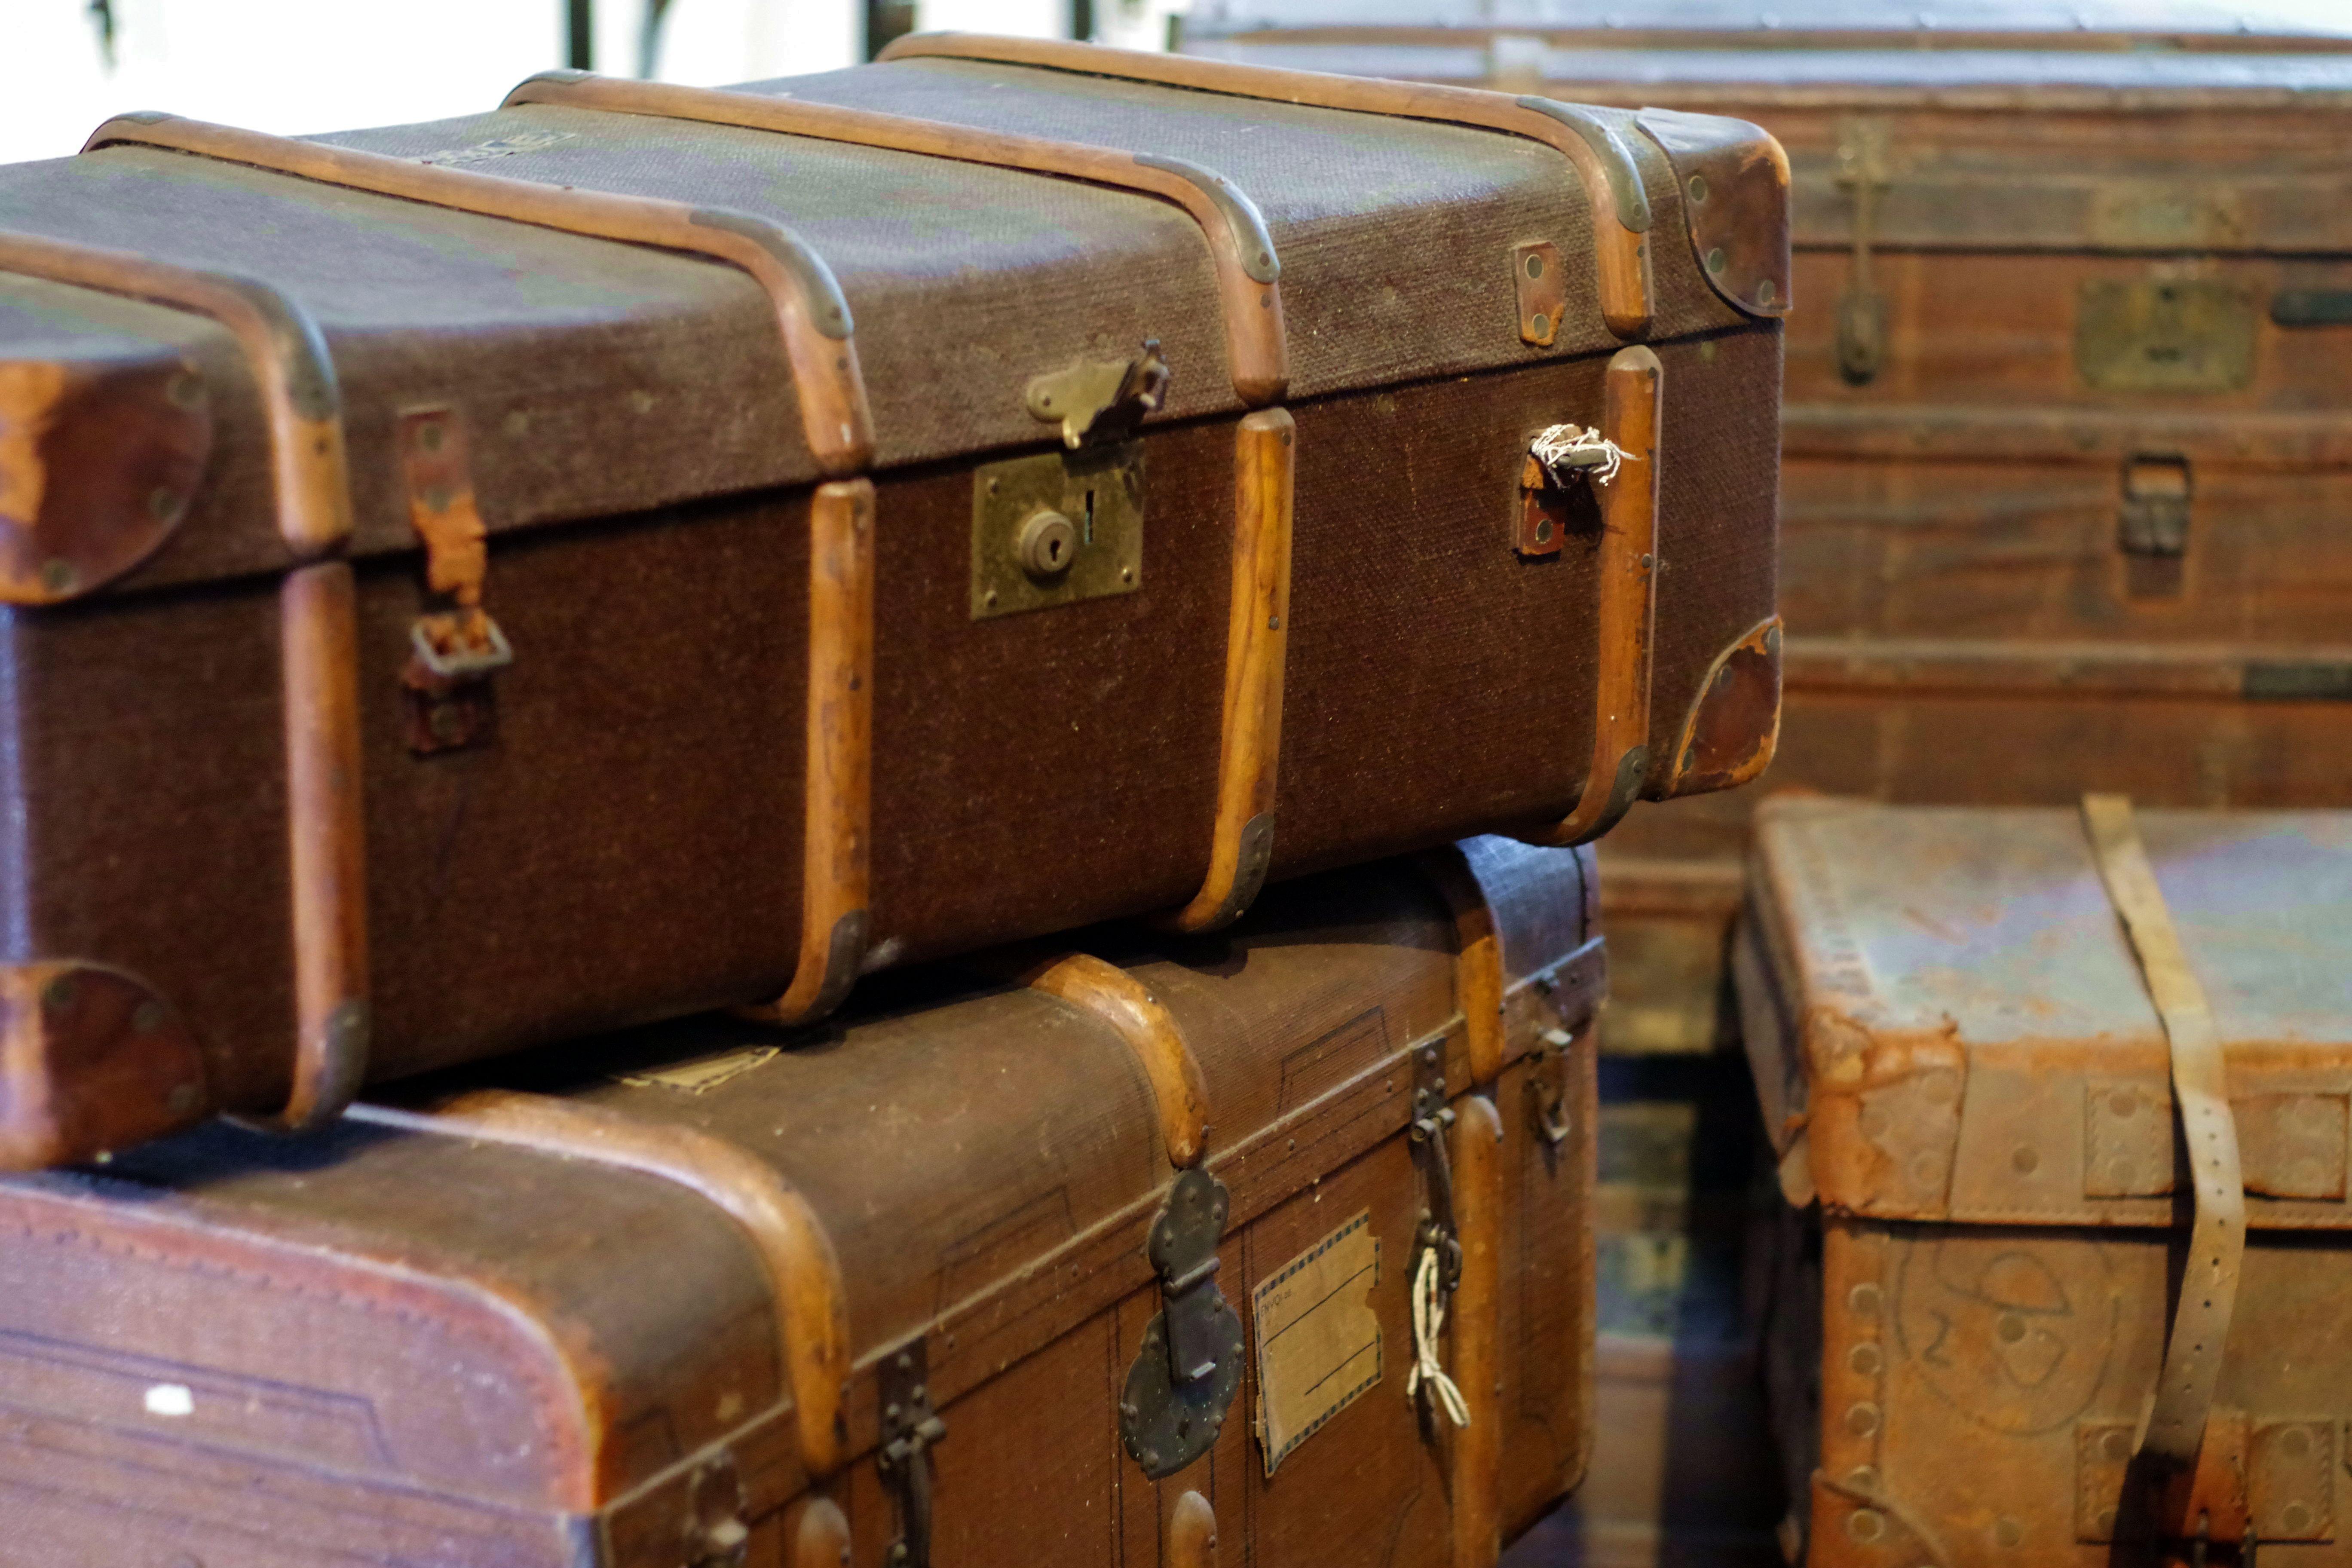 Kostenlose Foto Holz Leder Antiquitat Kofferraum Reise Urlaub